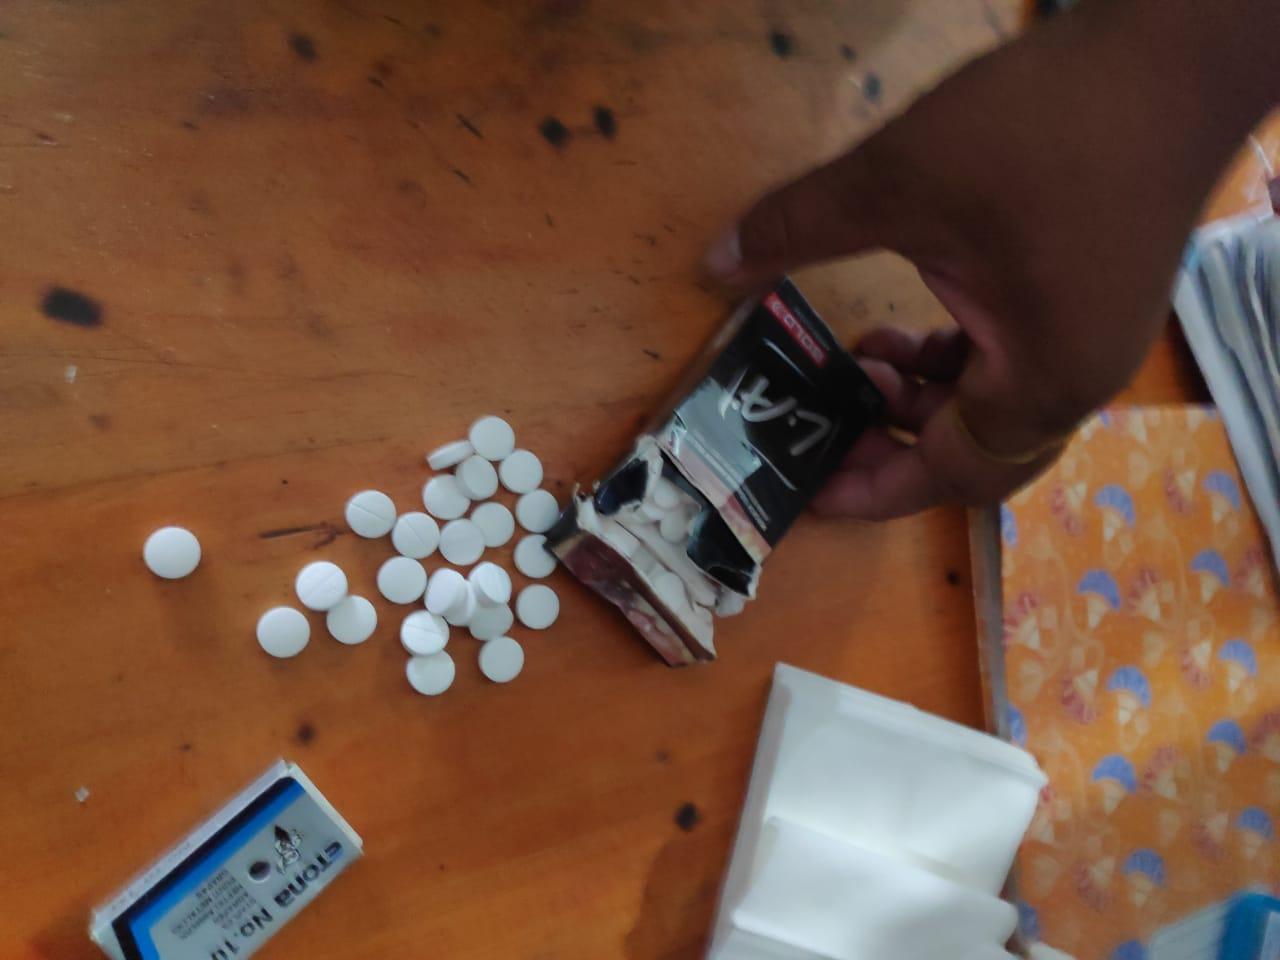 Petugas Lapas Gagalkan Penyelundupan 80 Butir Obat Berbahaya Jenis Maxtril